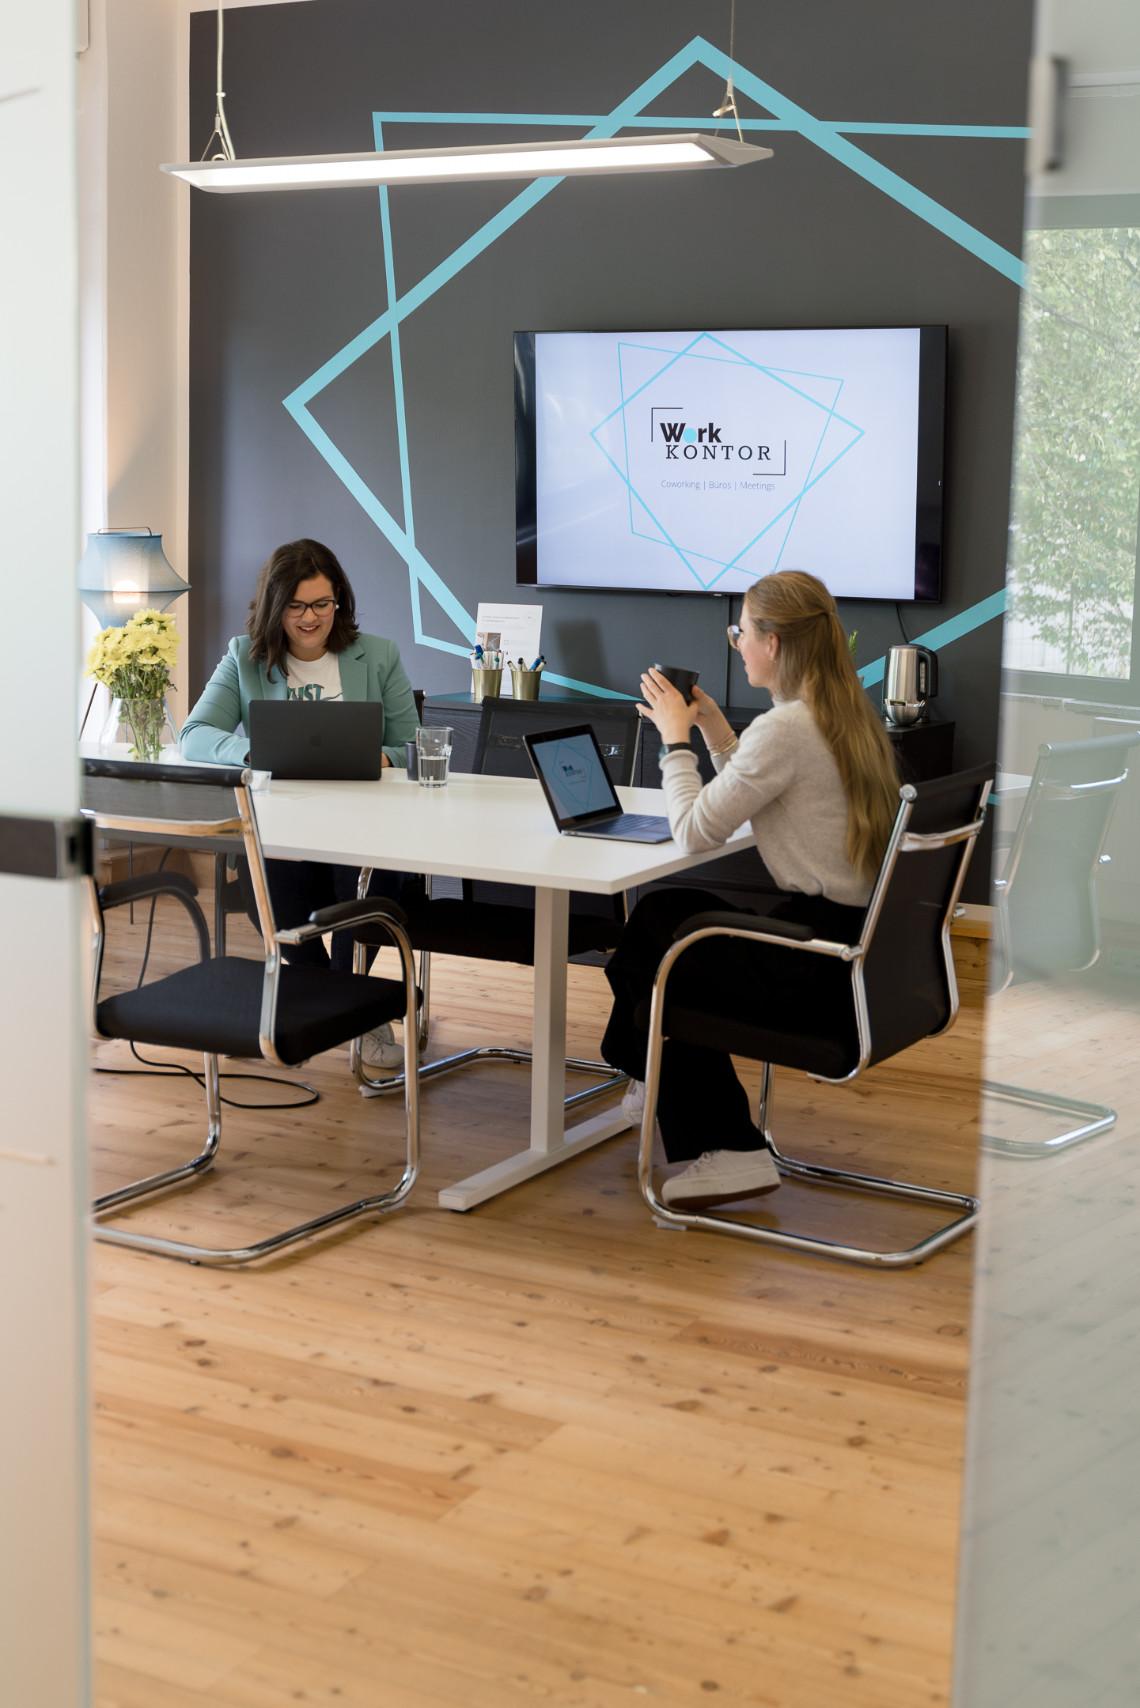 Moderner Besprechungsraum in Ahrensburg mit Smart TV, Whiteboard und Pinnwand